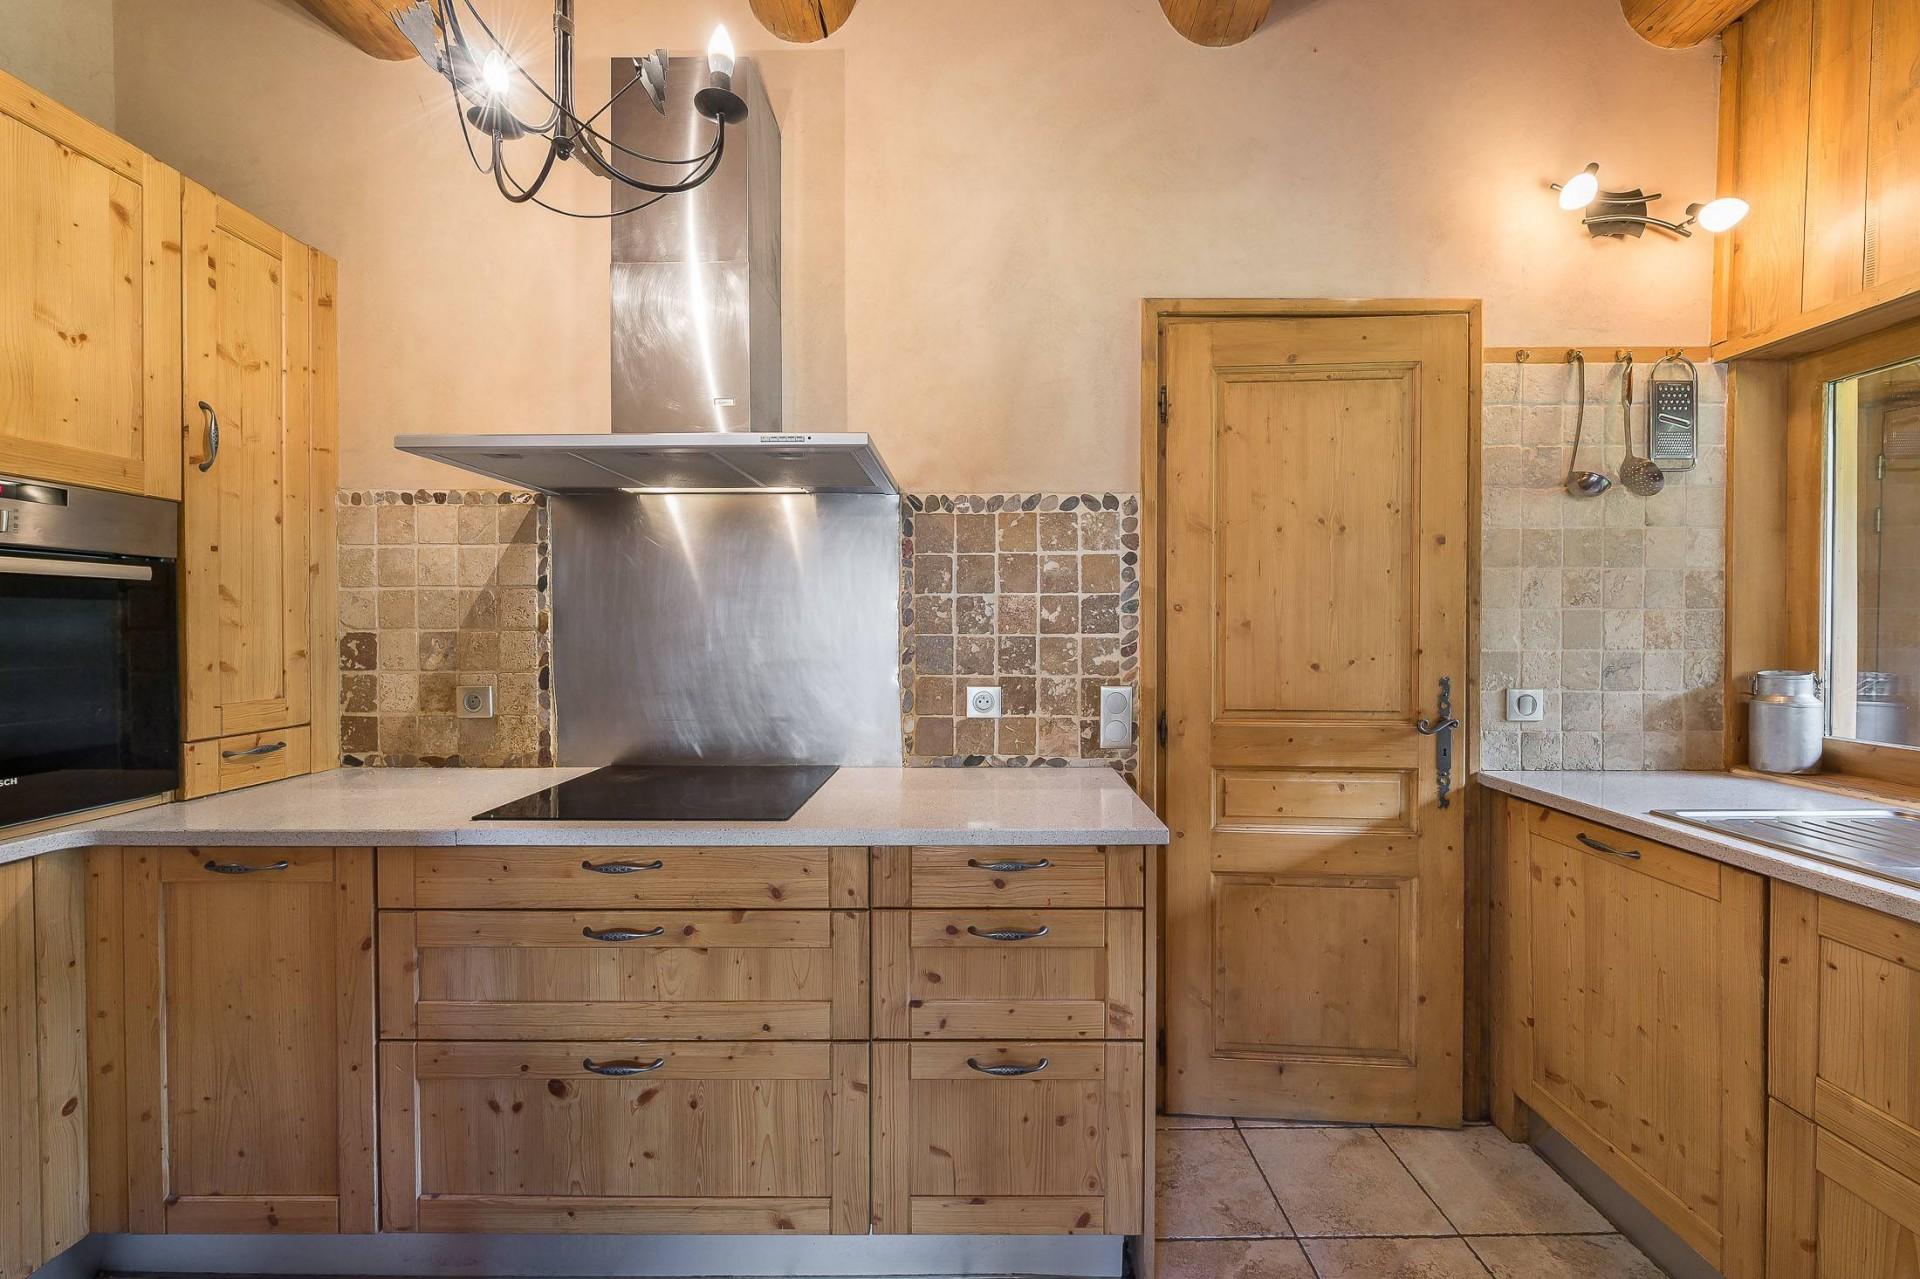 Val d'Isère Location Chalet Luxe Jaden Cuisine 2